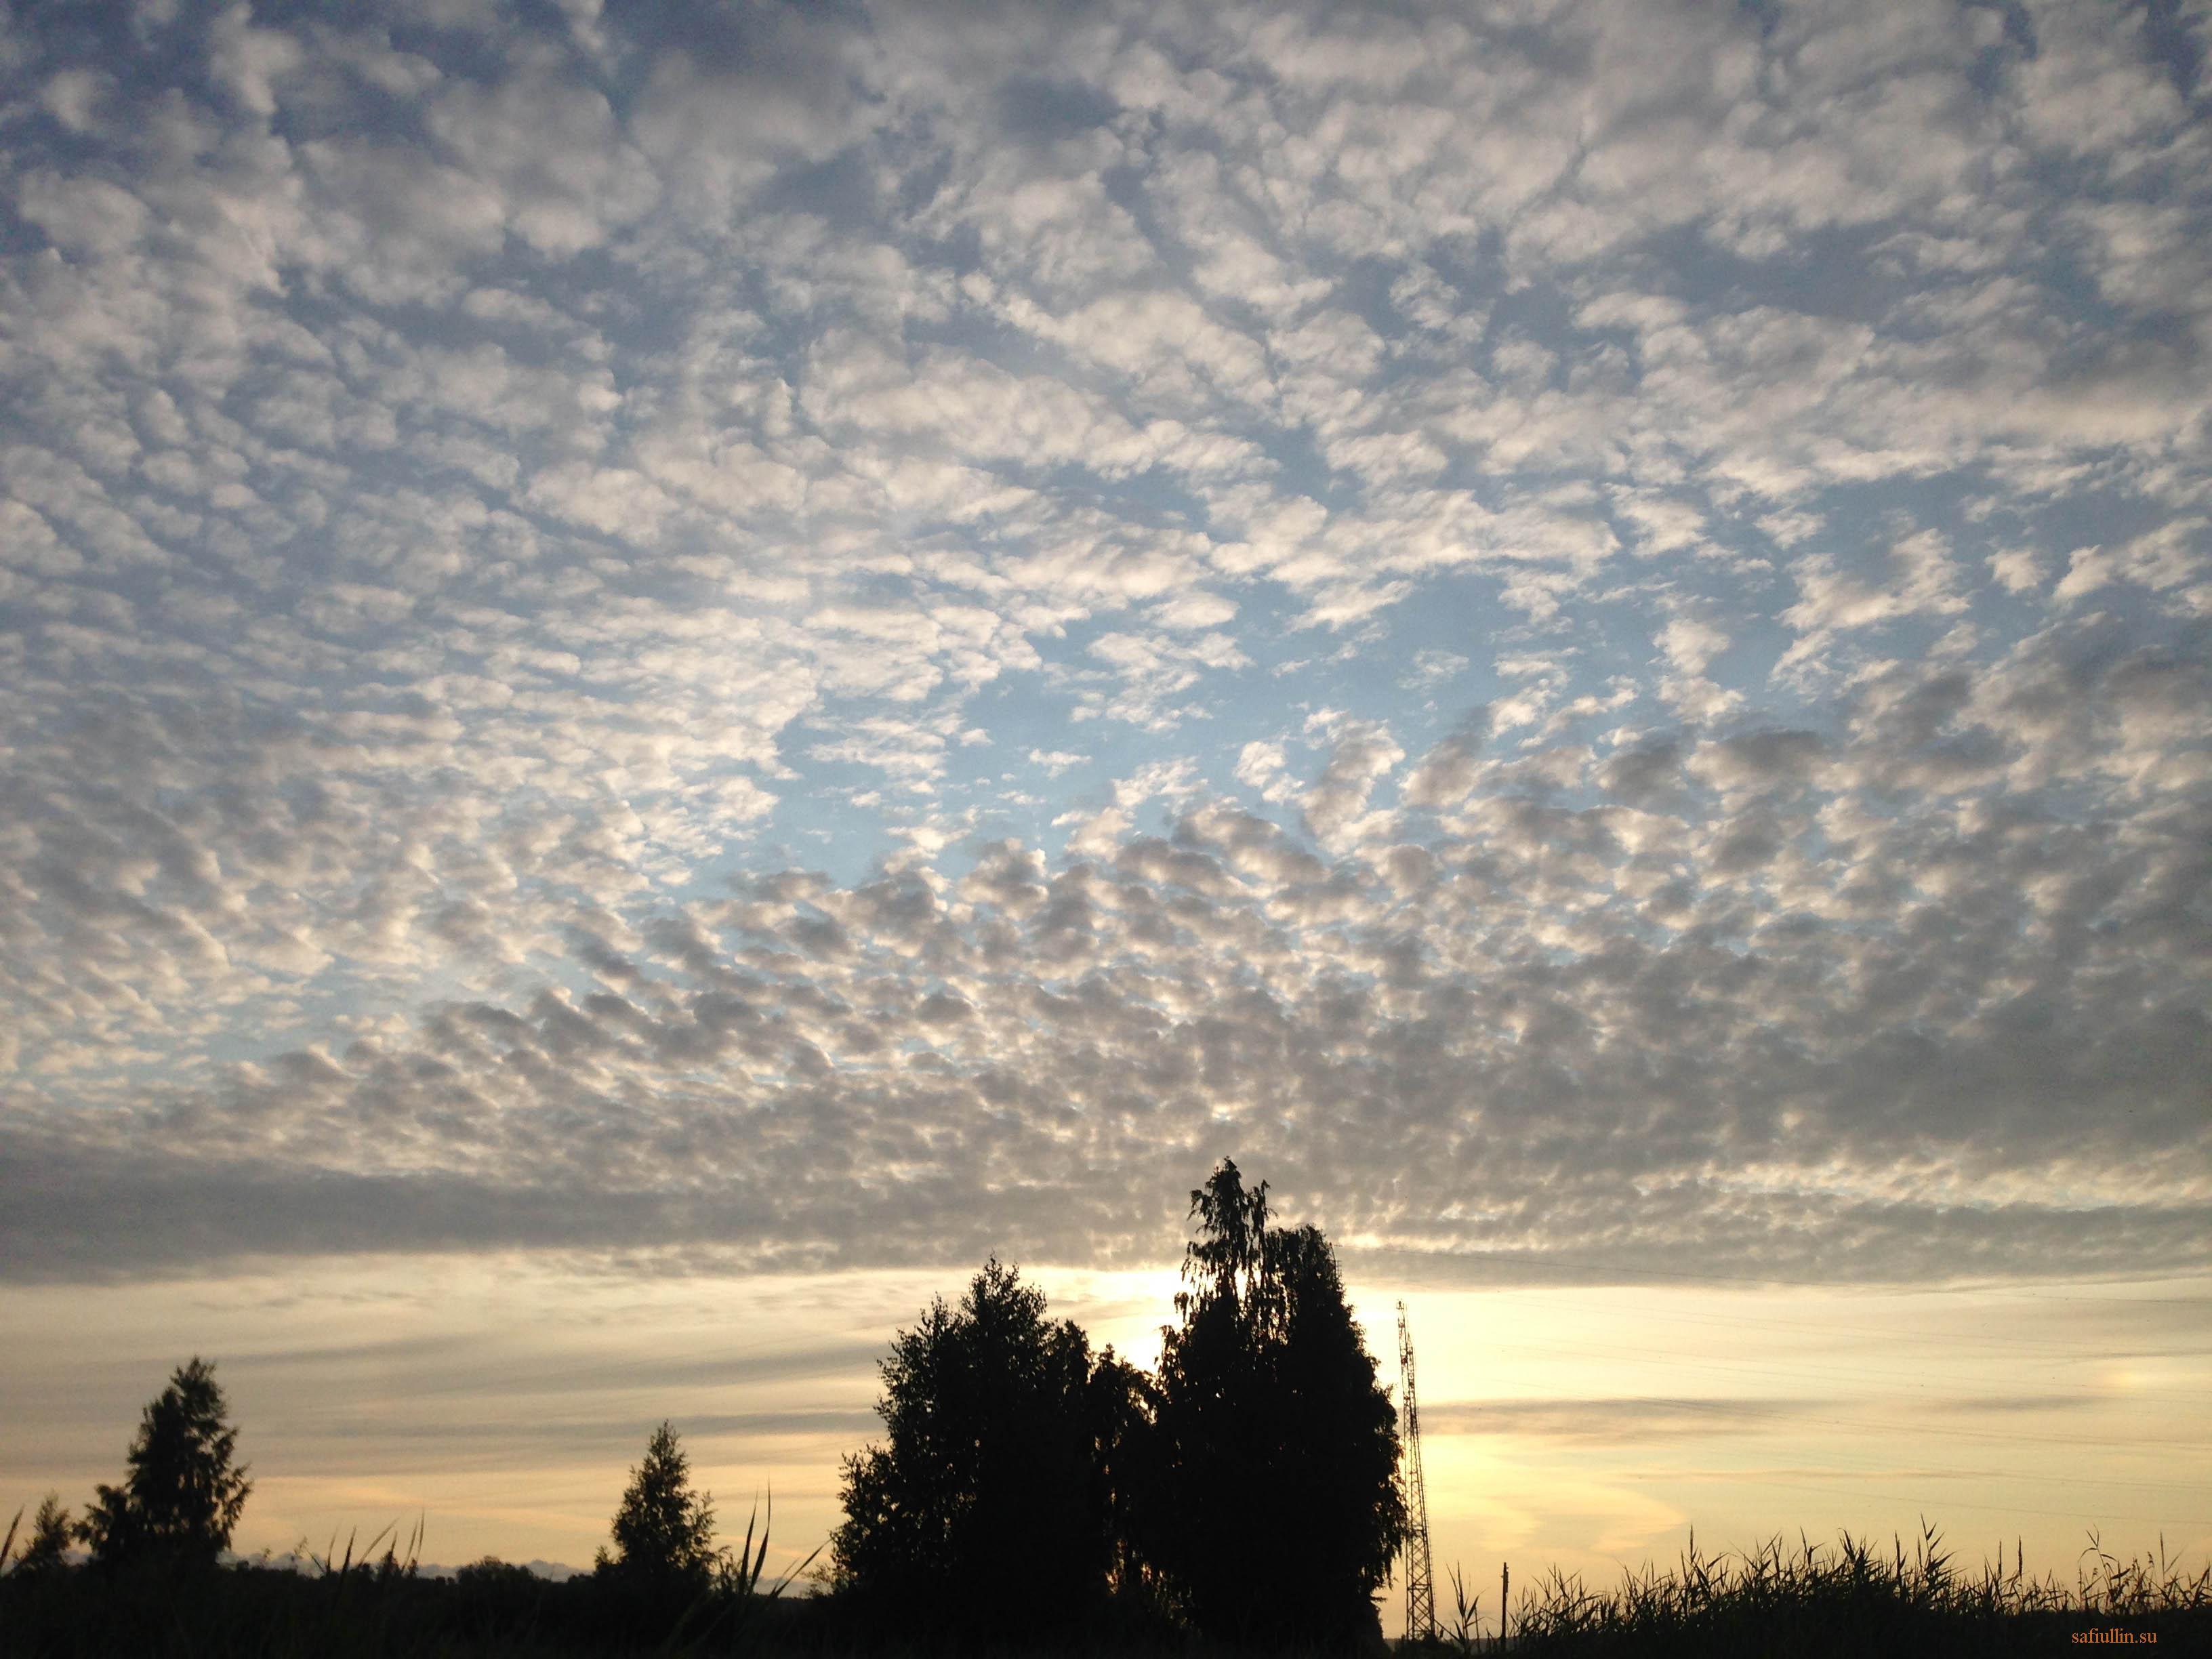 пейзажи природы альберт сафиуллин восход солнца перистые облака лето